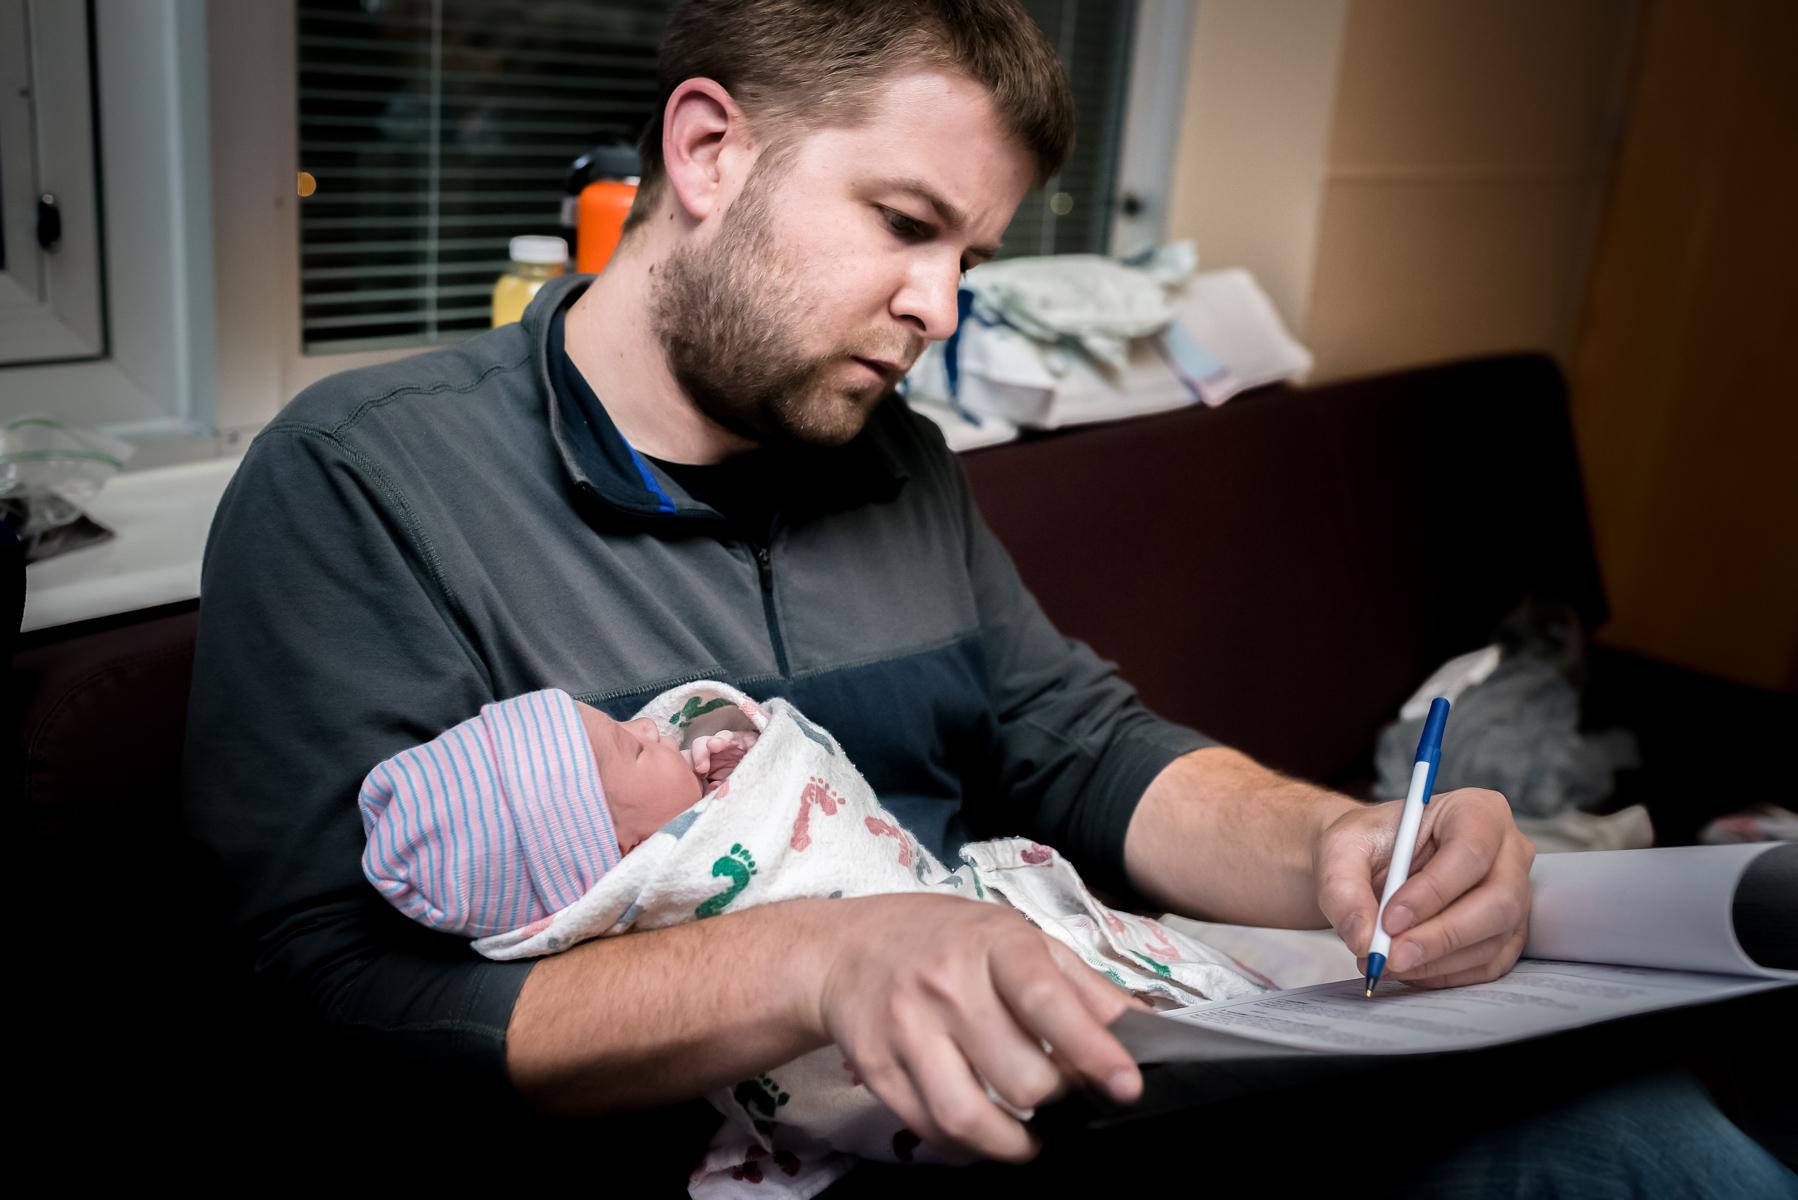 Swedish-Medical-Center-Denver-Dad-Fills-Out-Paperwork